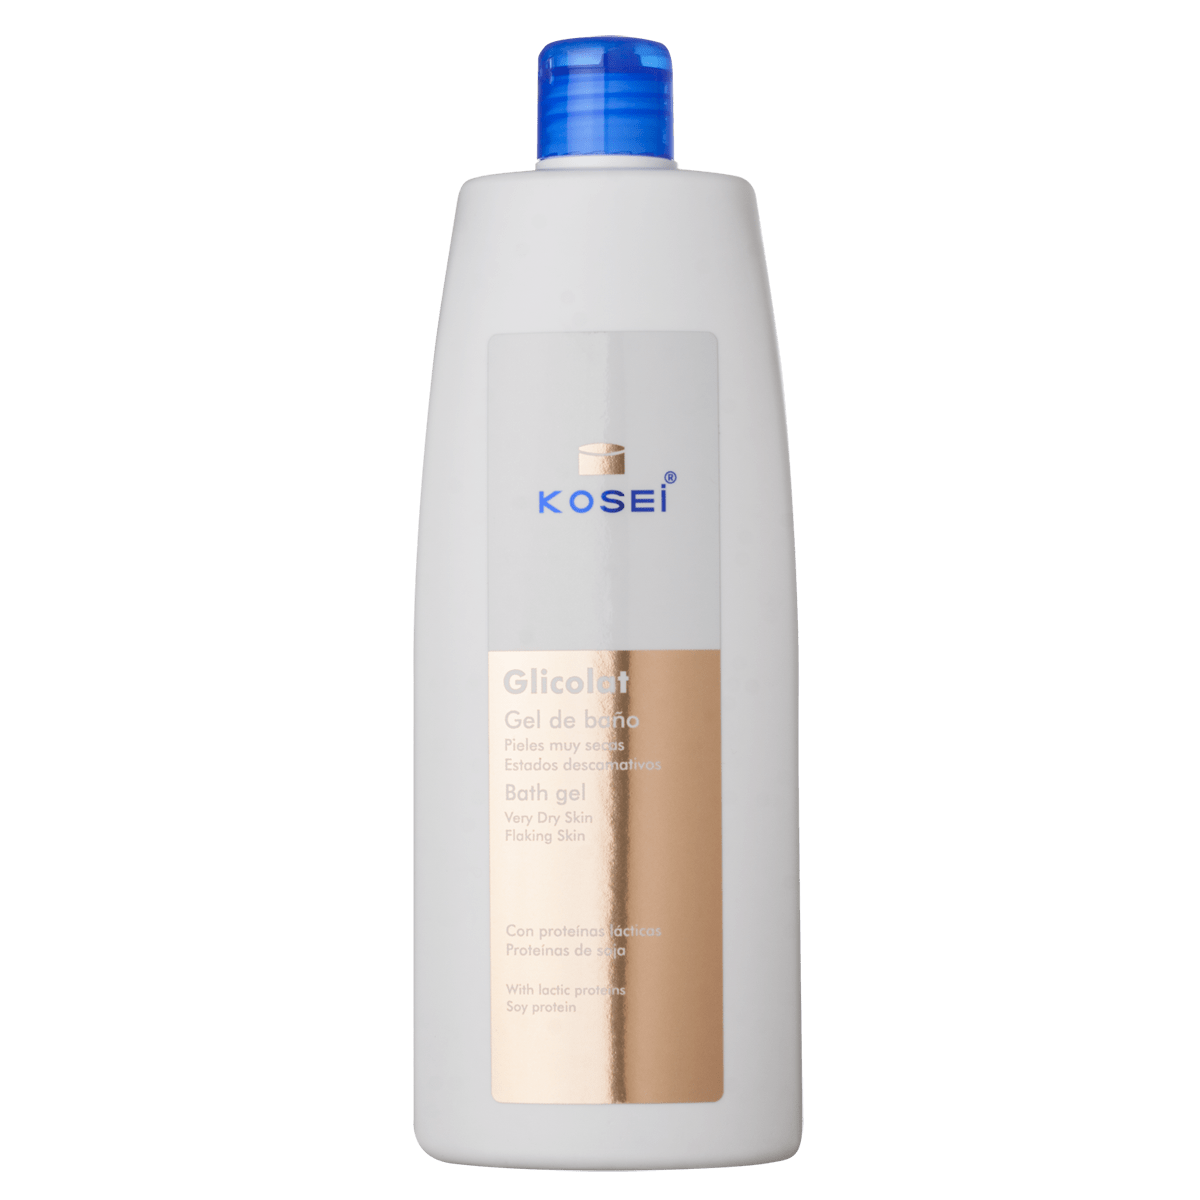 kosei-glicolat-gel-baño-piel-seca